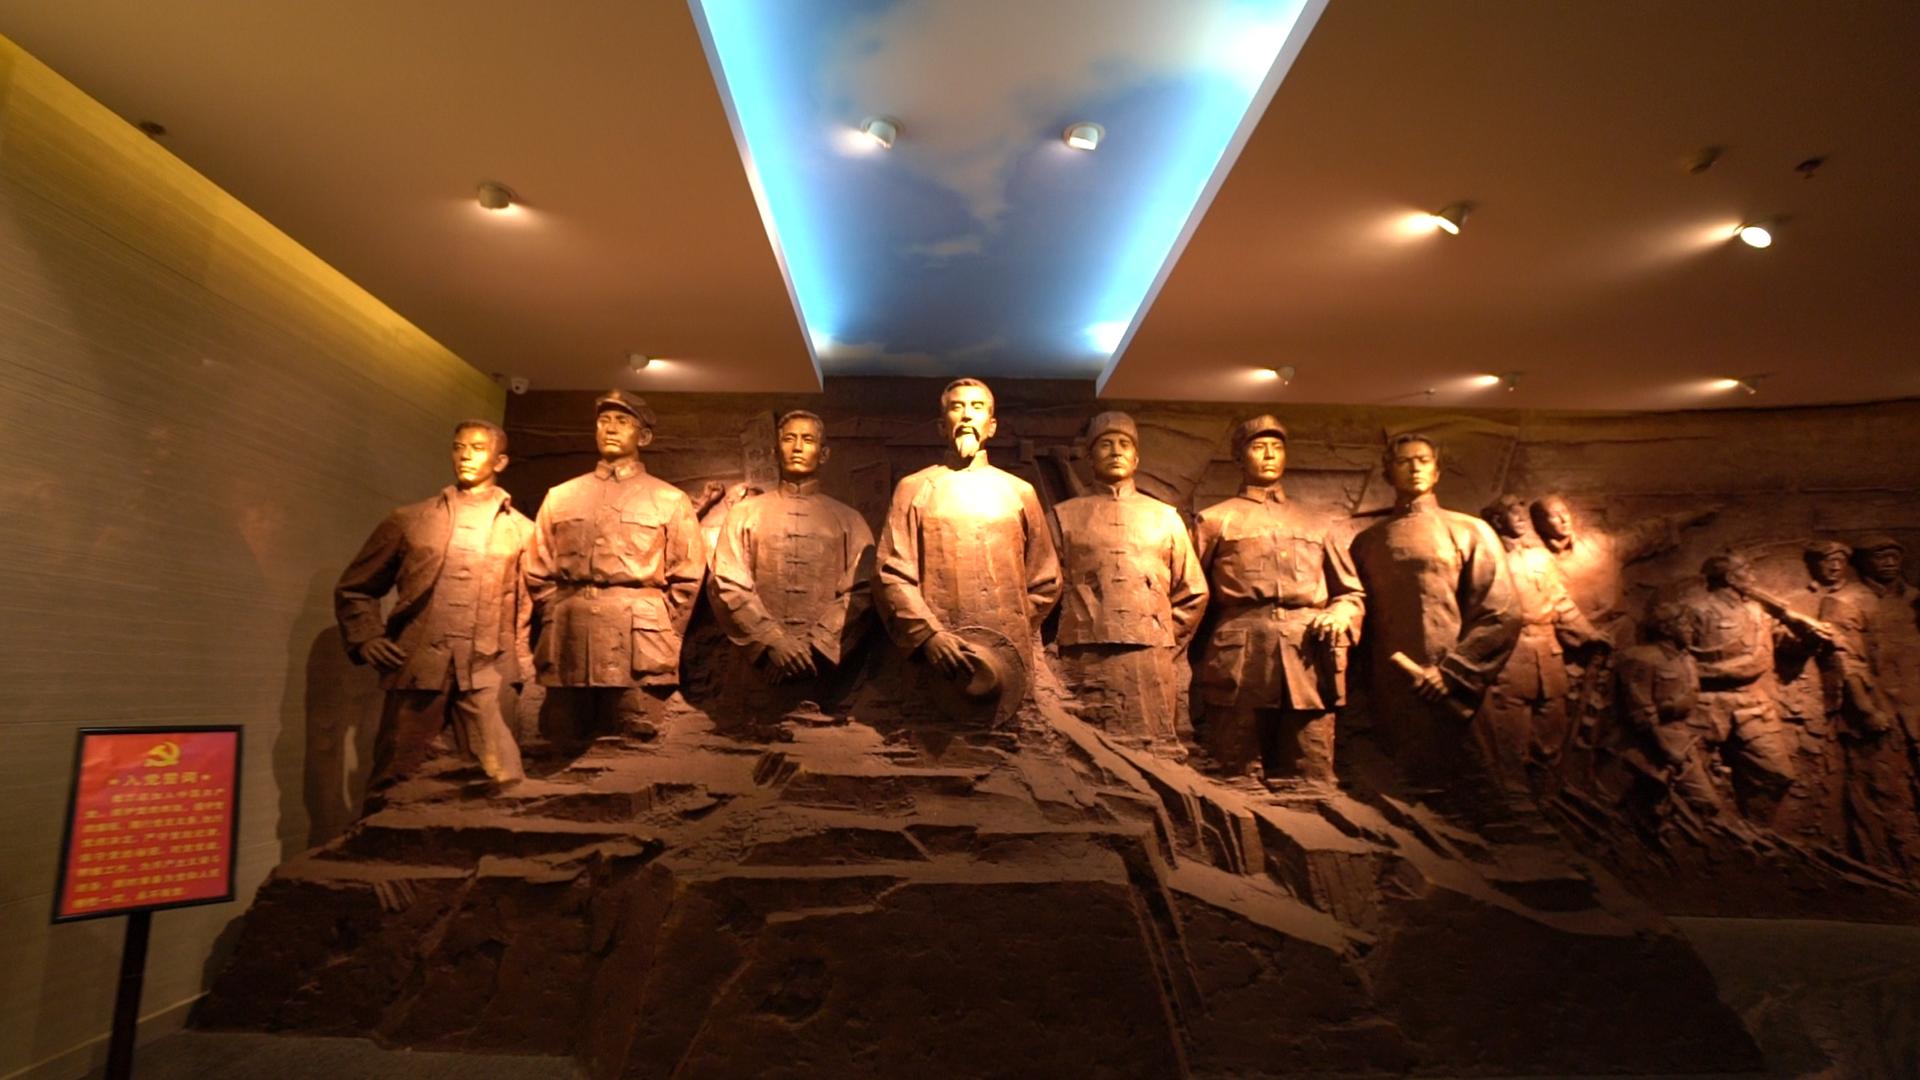 陇原红色故事②|甘肃党组织的创始人张一悟 播撒陇原星火(视频)